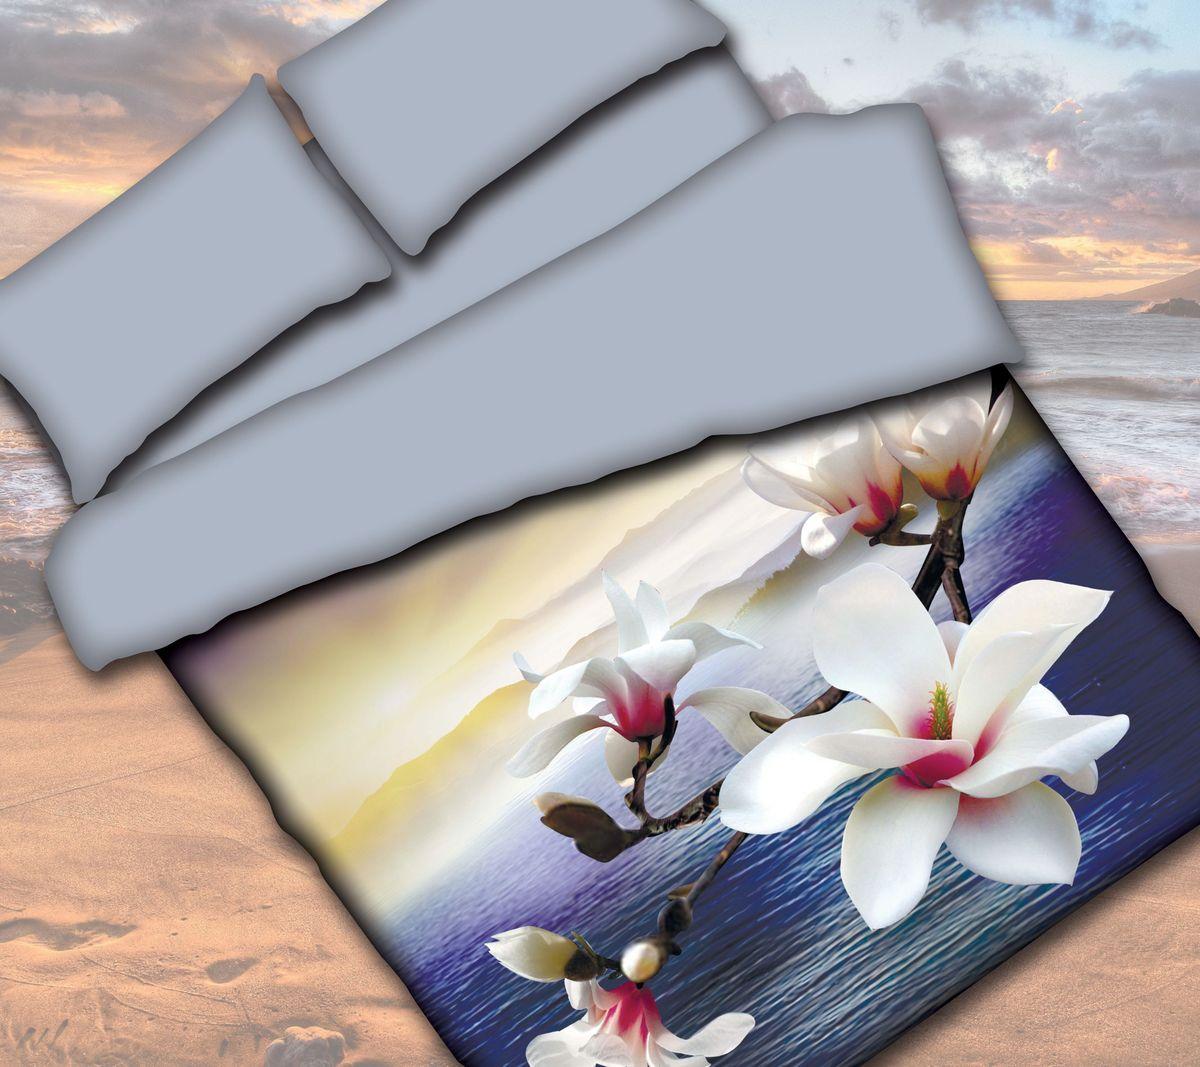 Комплект белья Коллекция Орхидея, 1,5-спальный, наволочки 70x70. СРП1,5/70/ОЗ/орхСРП1,5/70/ОЗ/орх